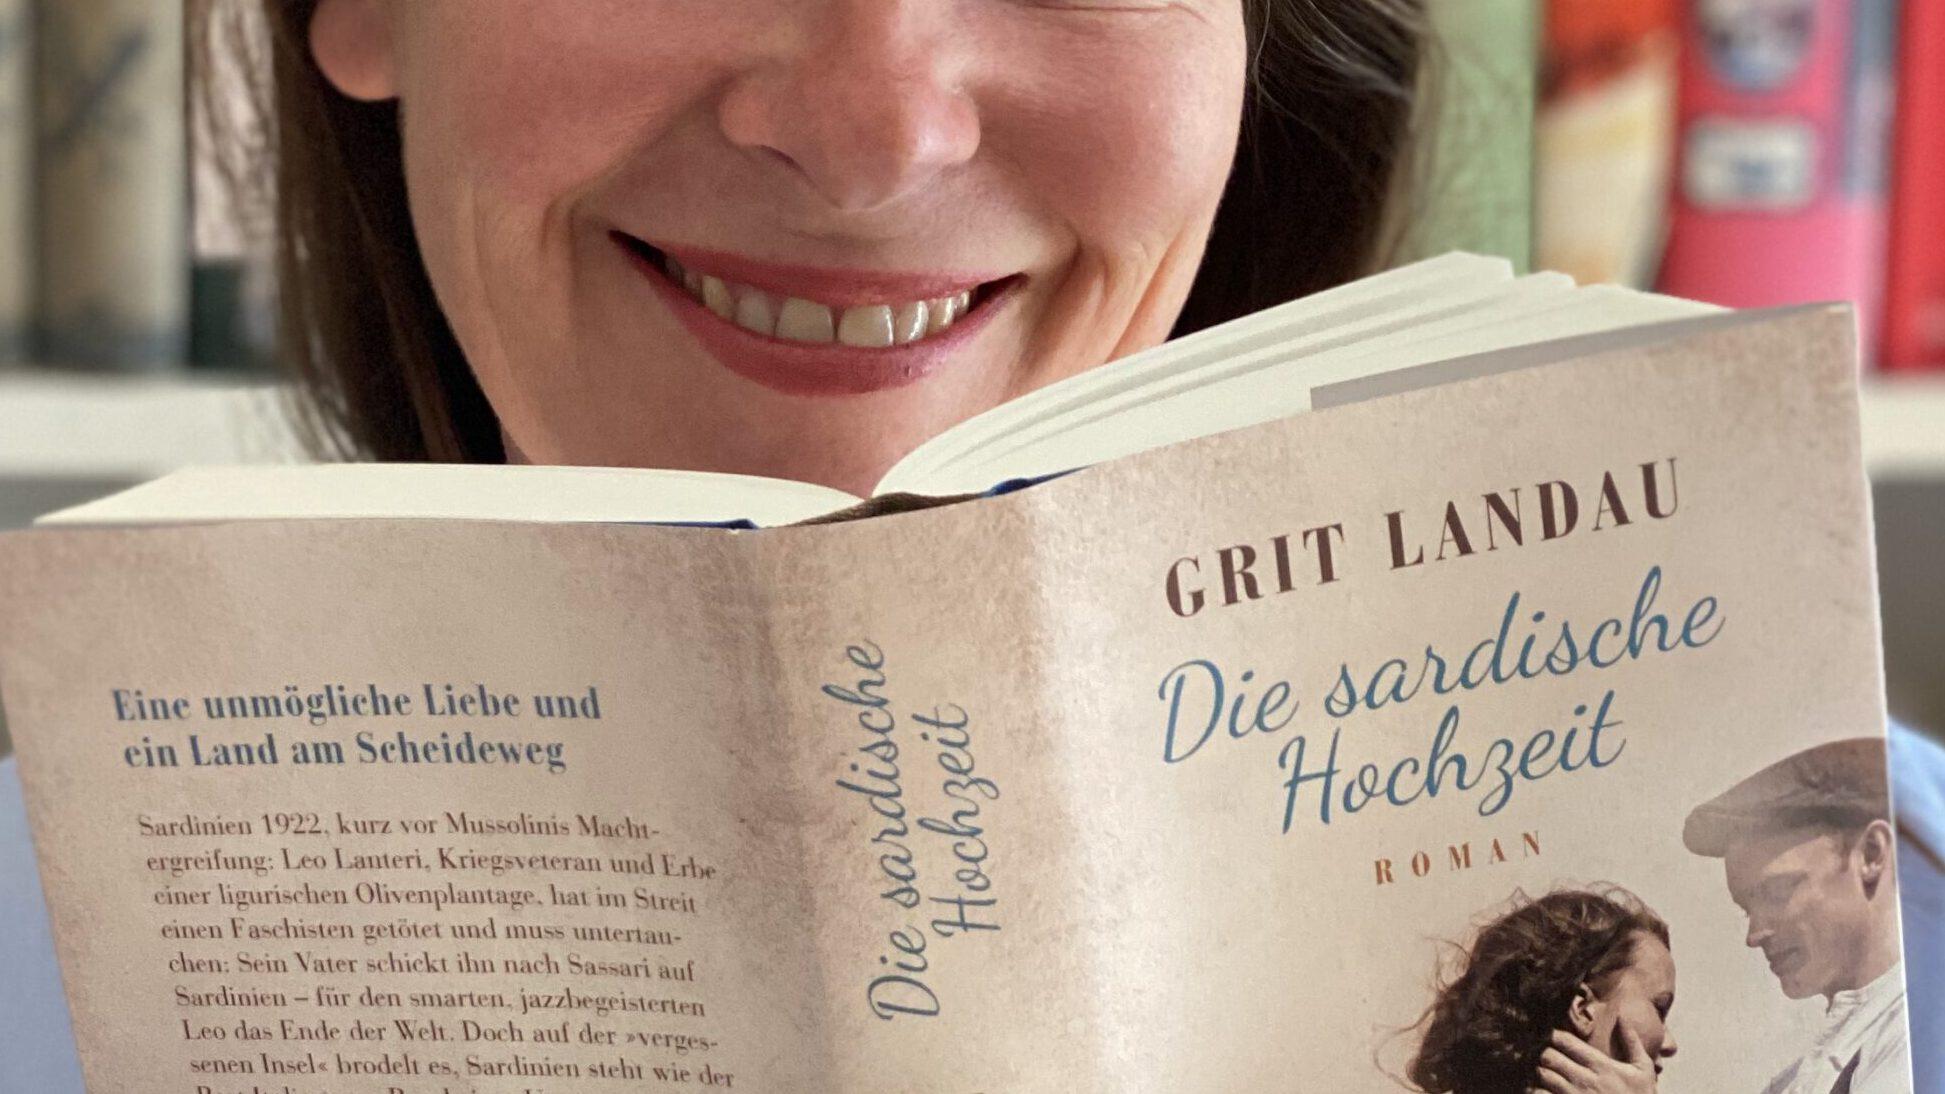 Grit Landau, Autorin